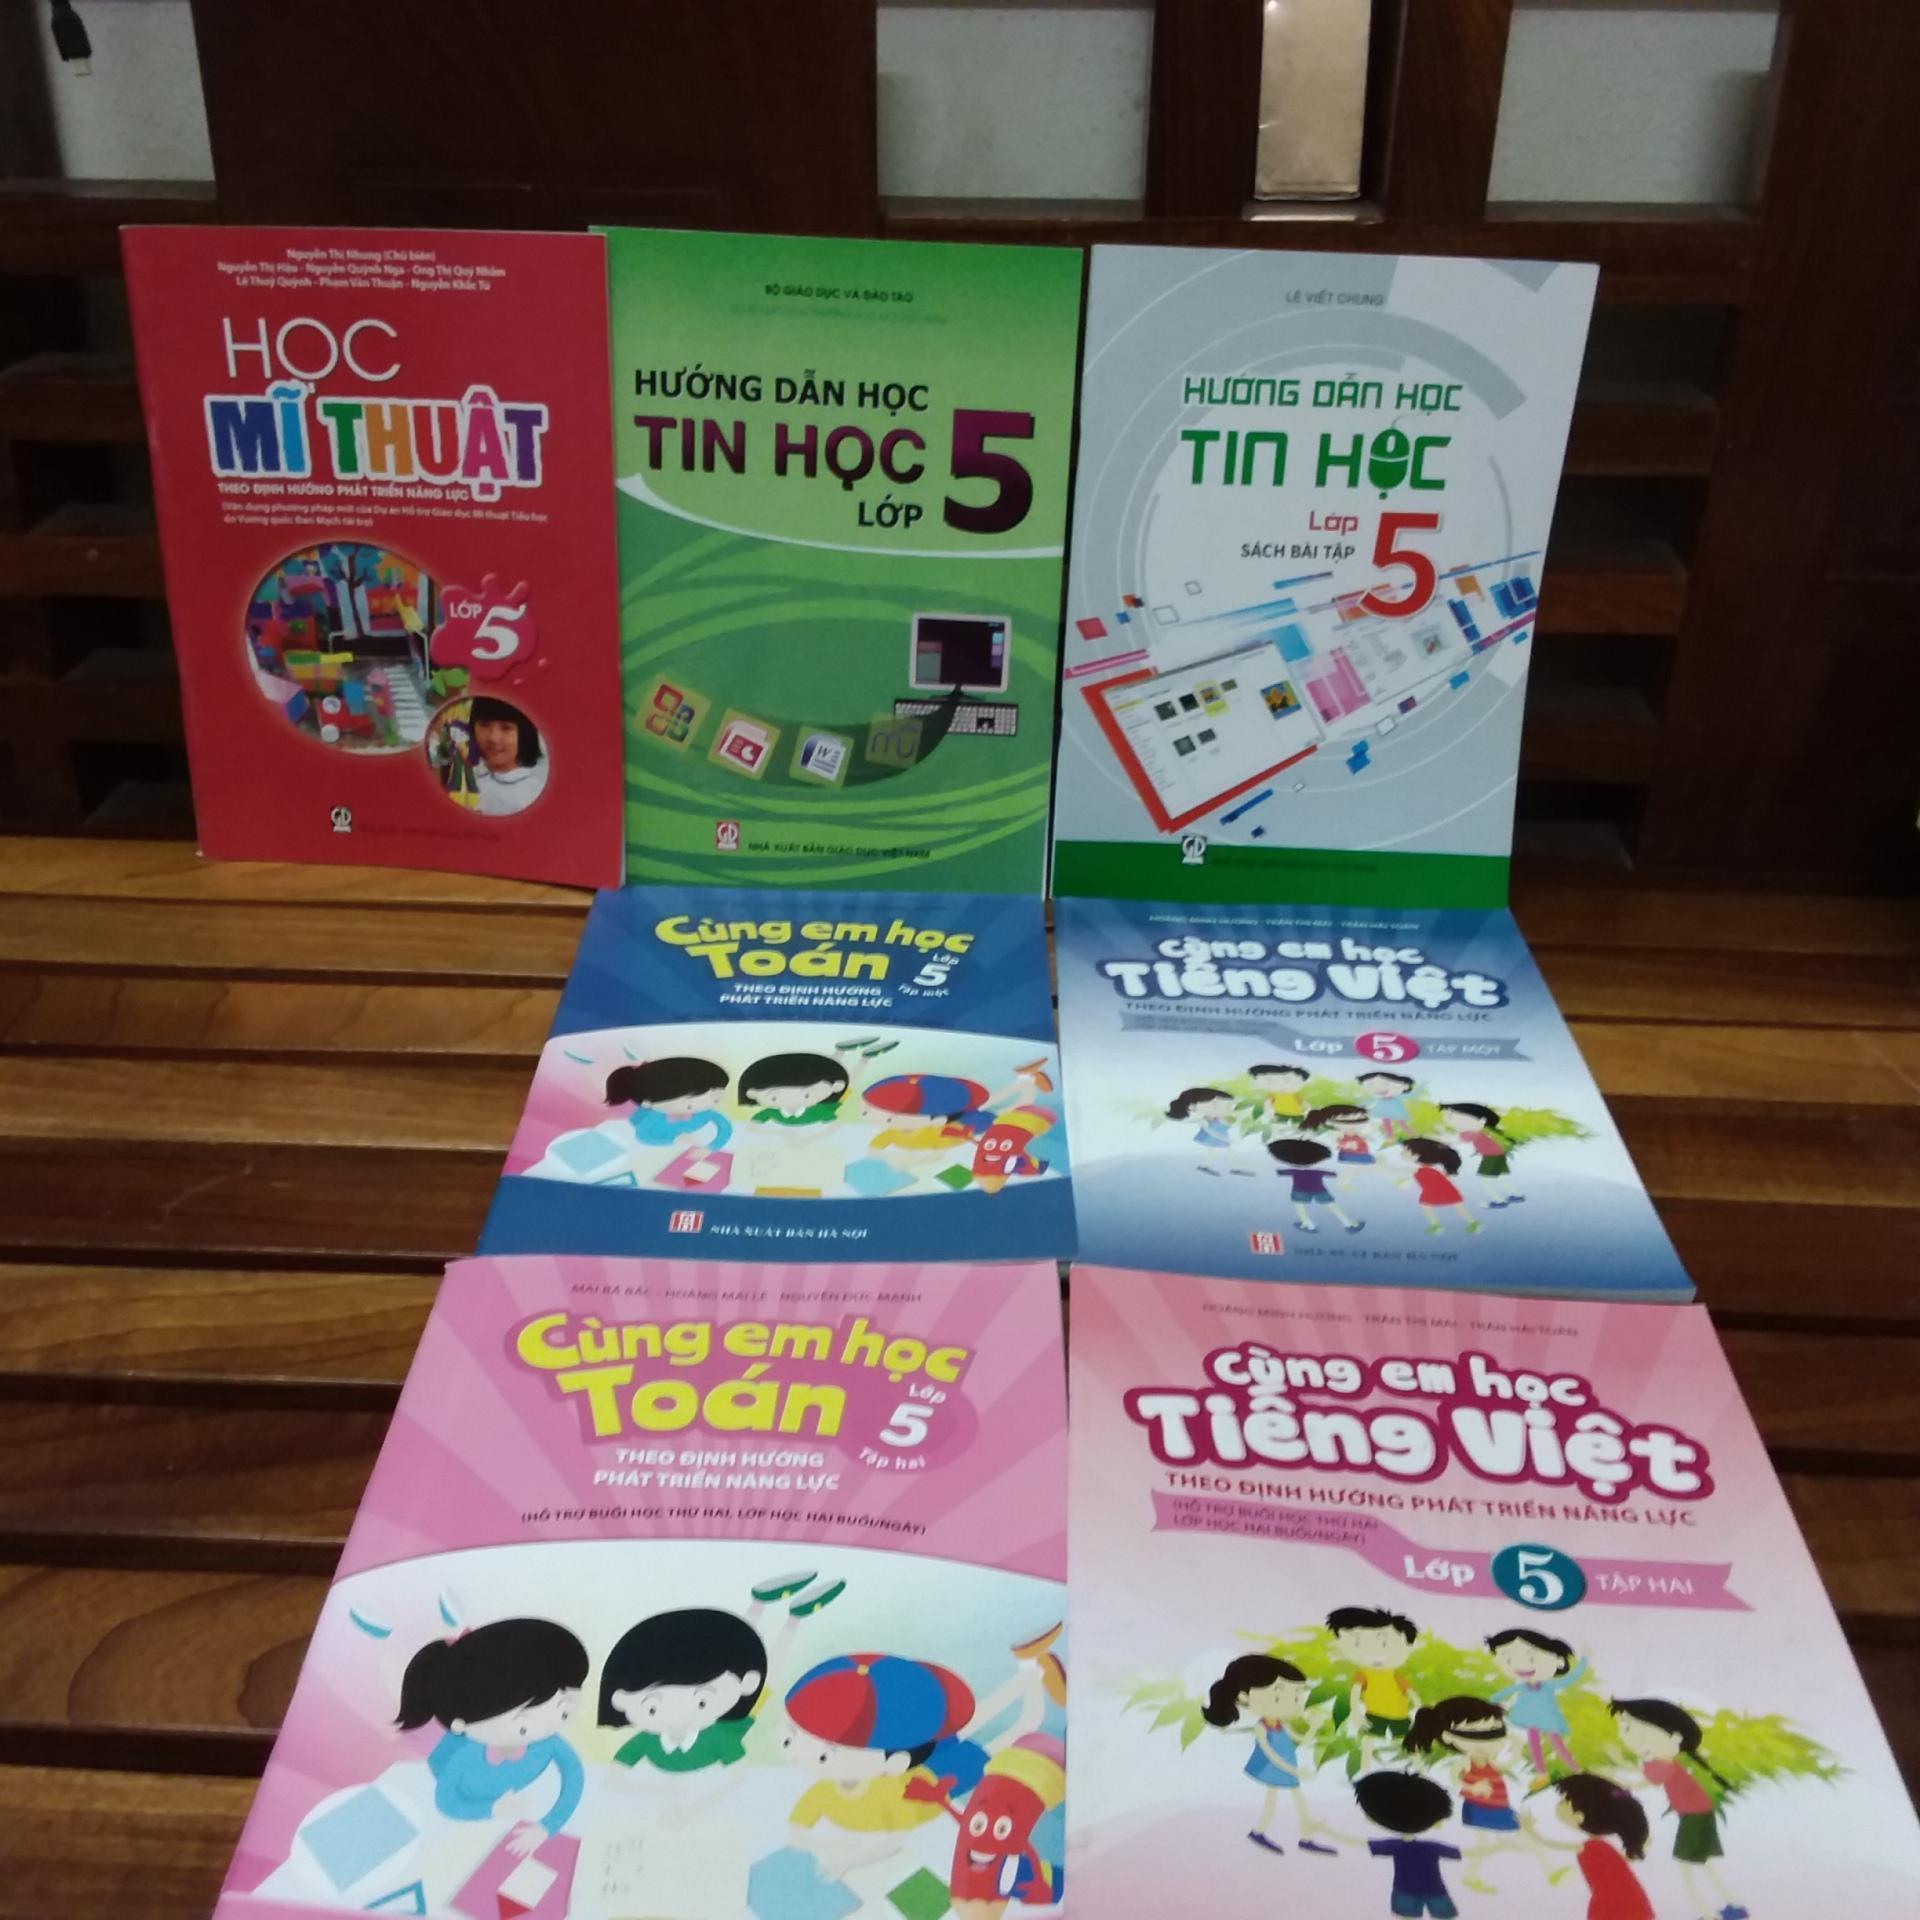 Mua Combo 7 cuốn sác giáo khoa lớp 5 ( cùng em học toán +tiếng việt + tin học + học mĩ thuật )